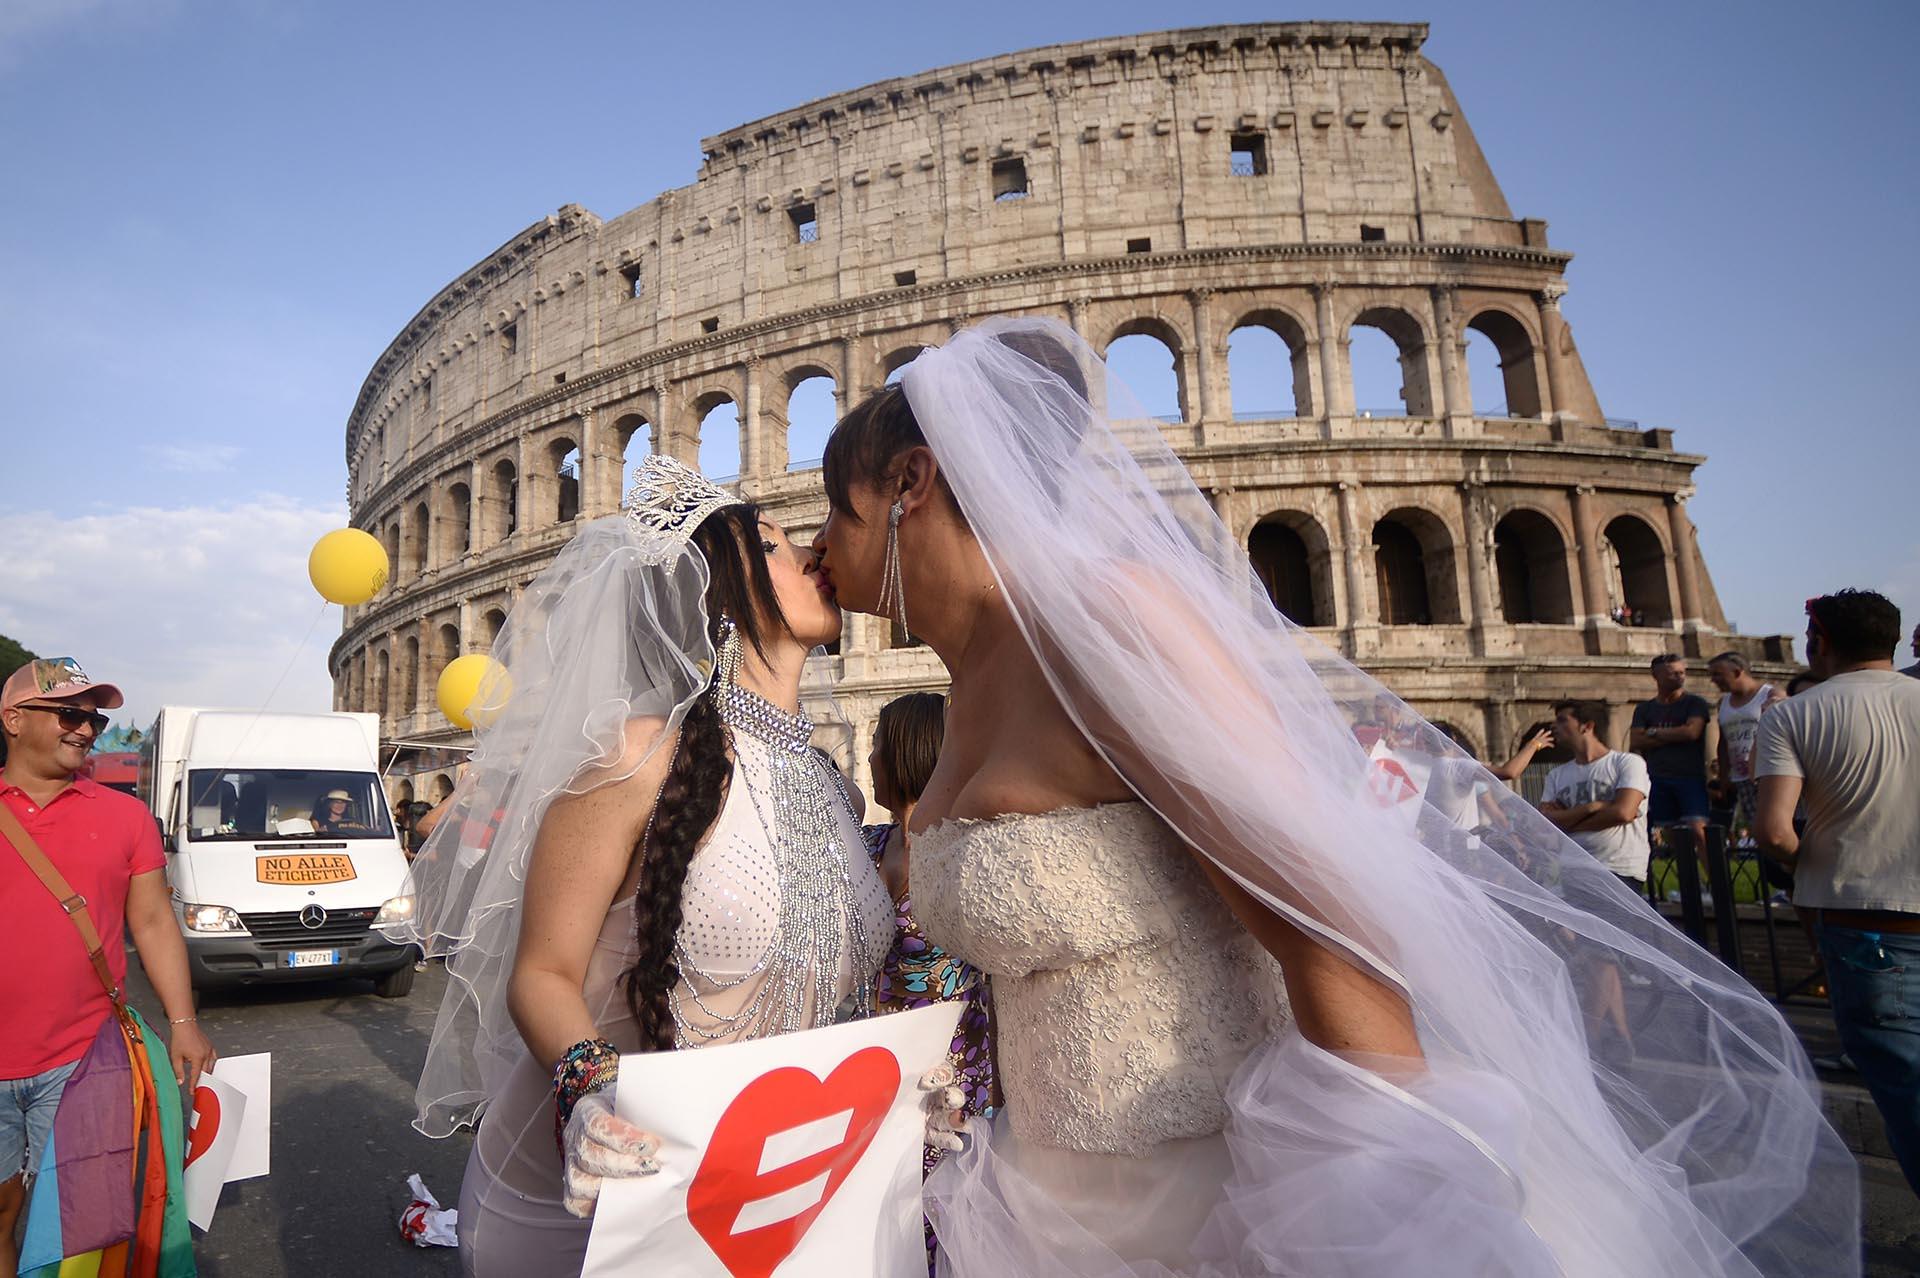 Novias se besan frente al Coliseo en el desfile en Roma el 13 de junio de 2015